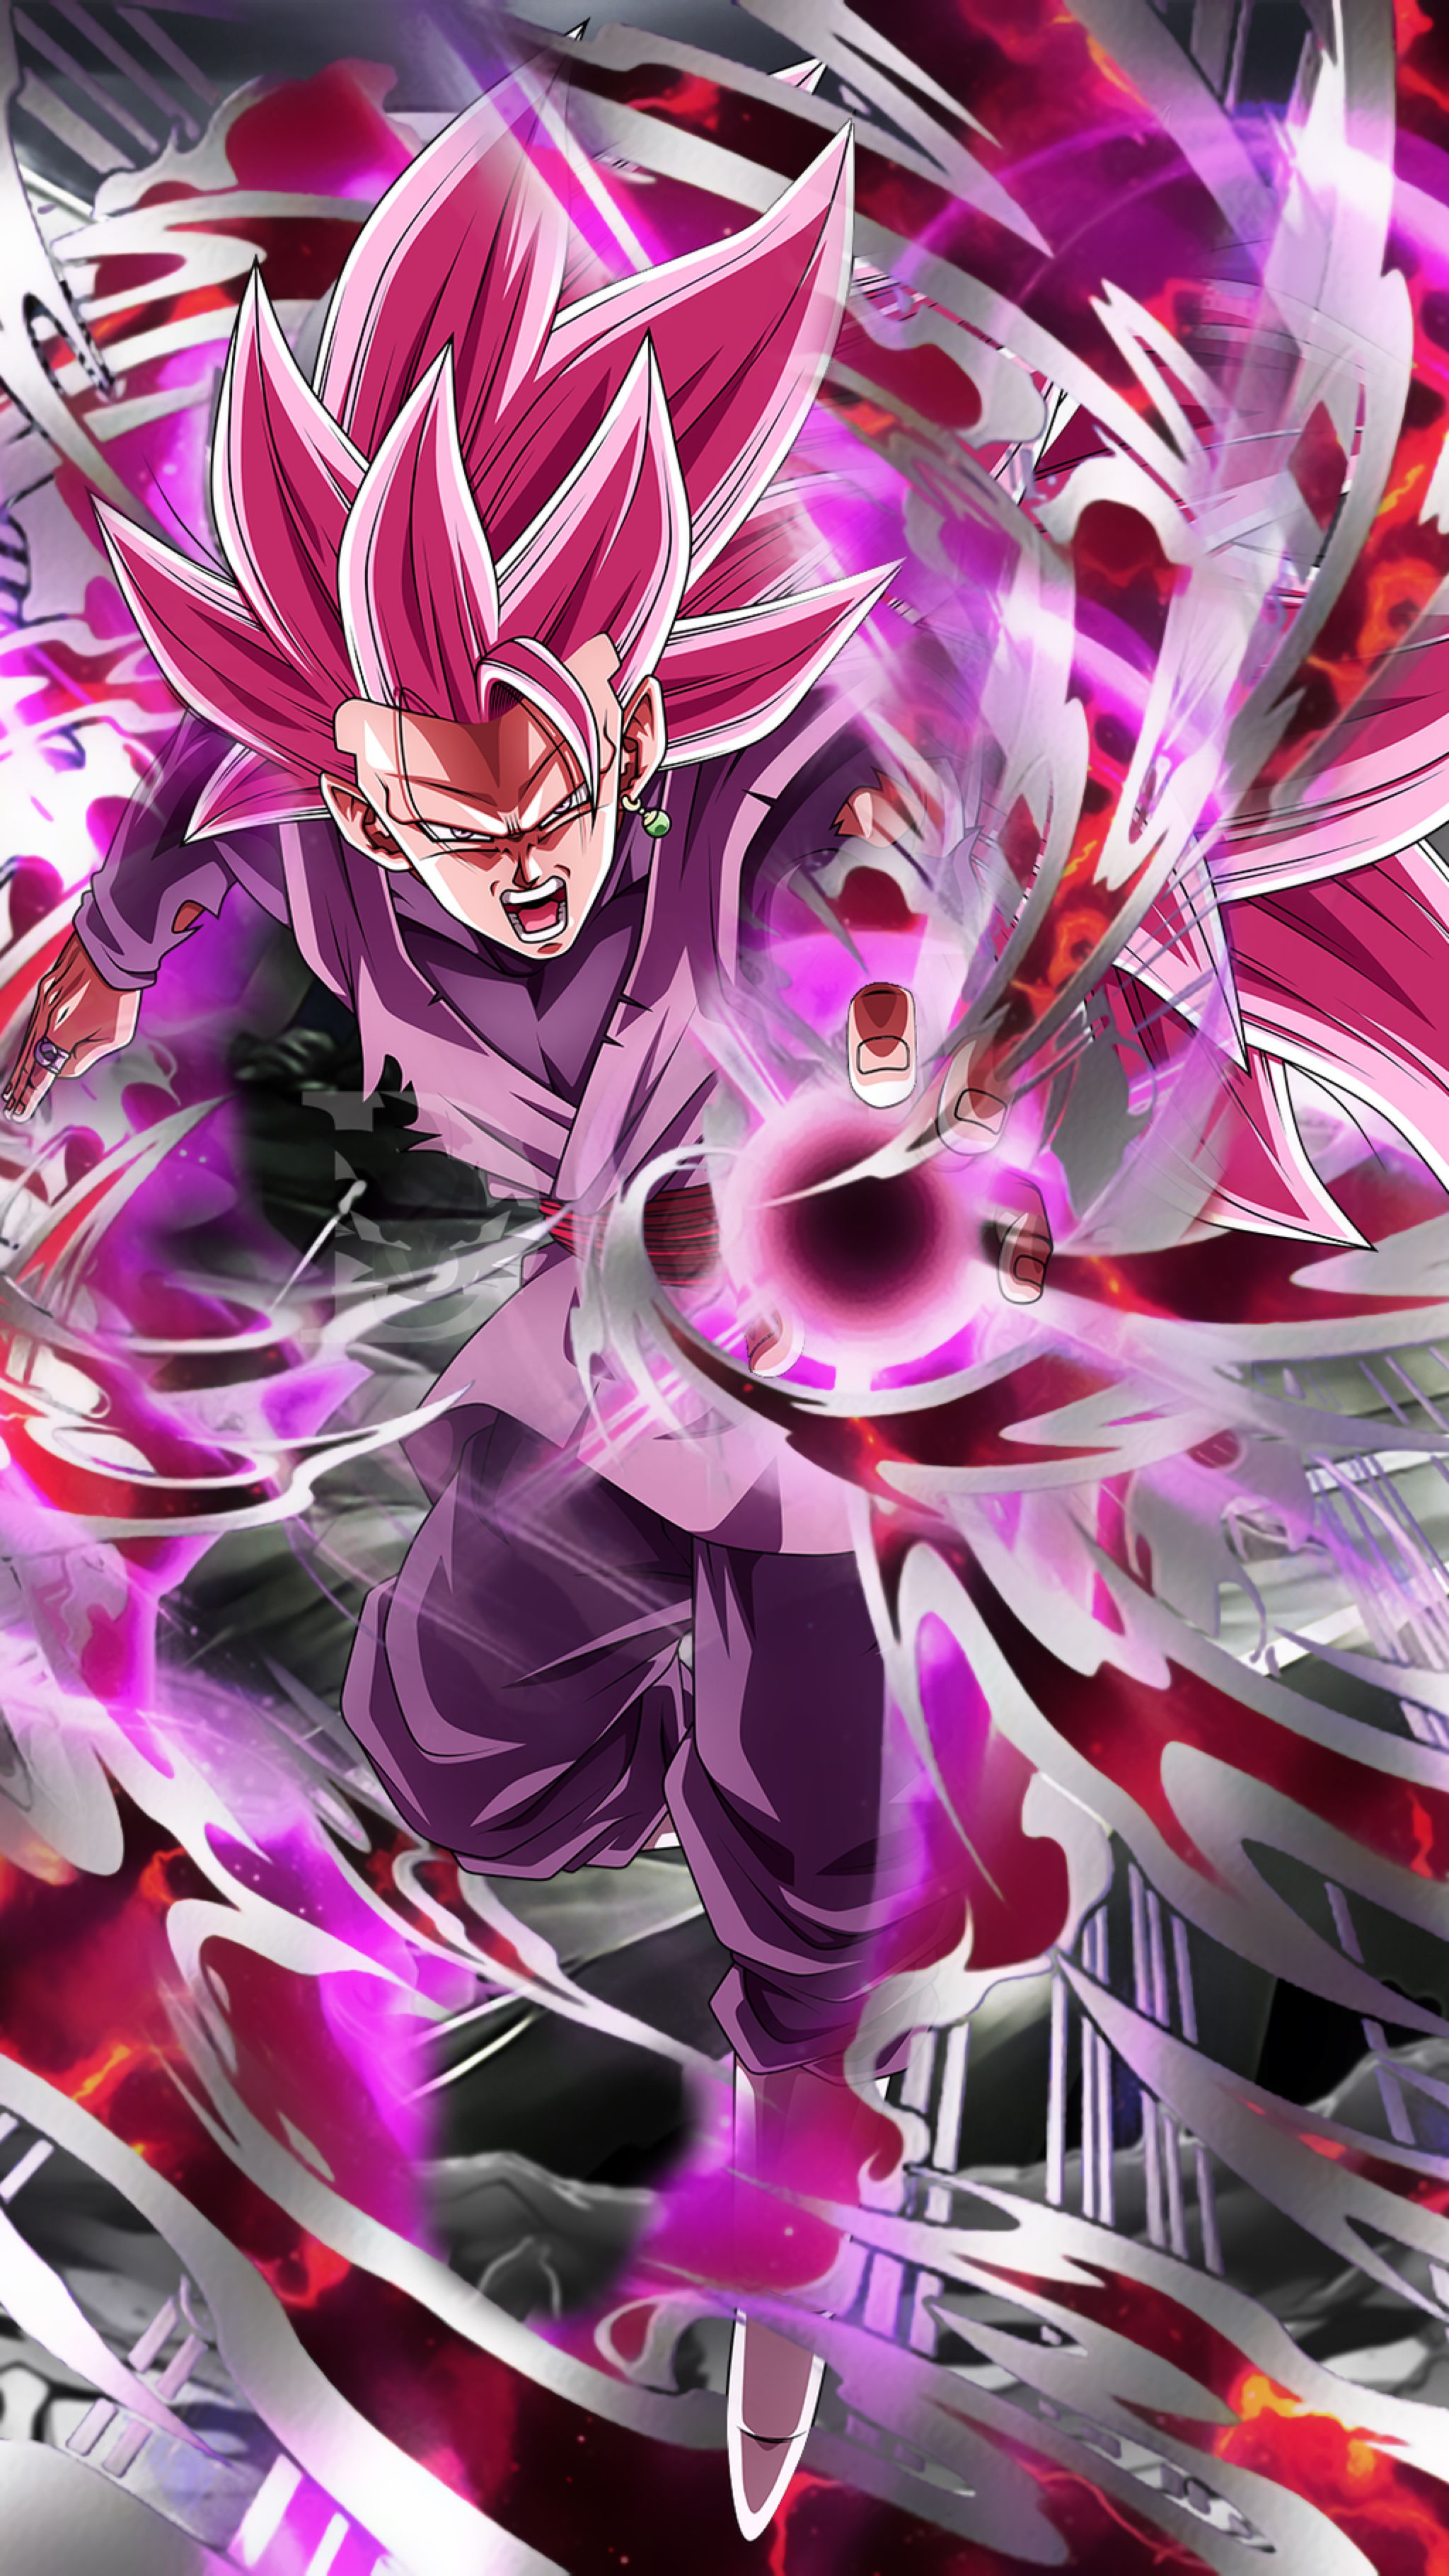 Goku Black Super Saiyan Rose 3 Wallpaper By Davidmaxsteinbach On Deviantart Dragon Ball Artwork Dragon Ball Goku Anime Dragon Ball